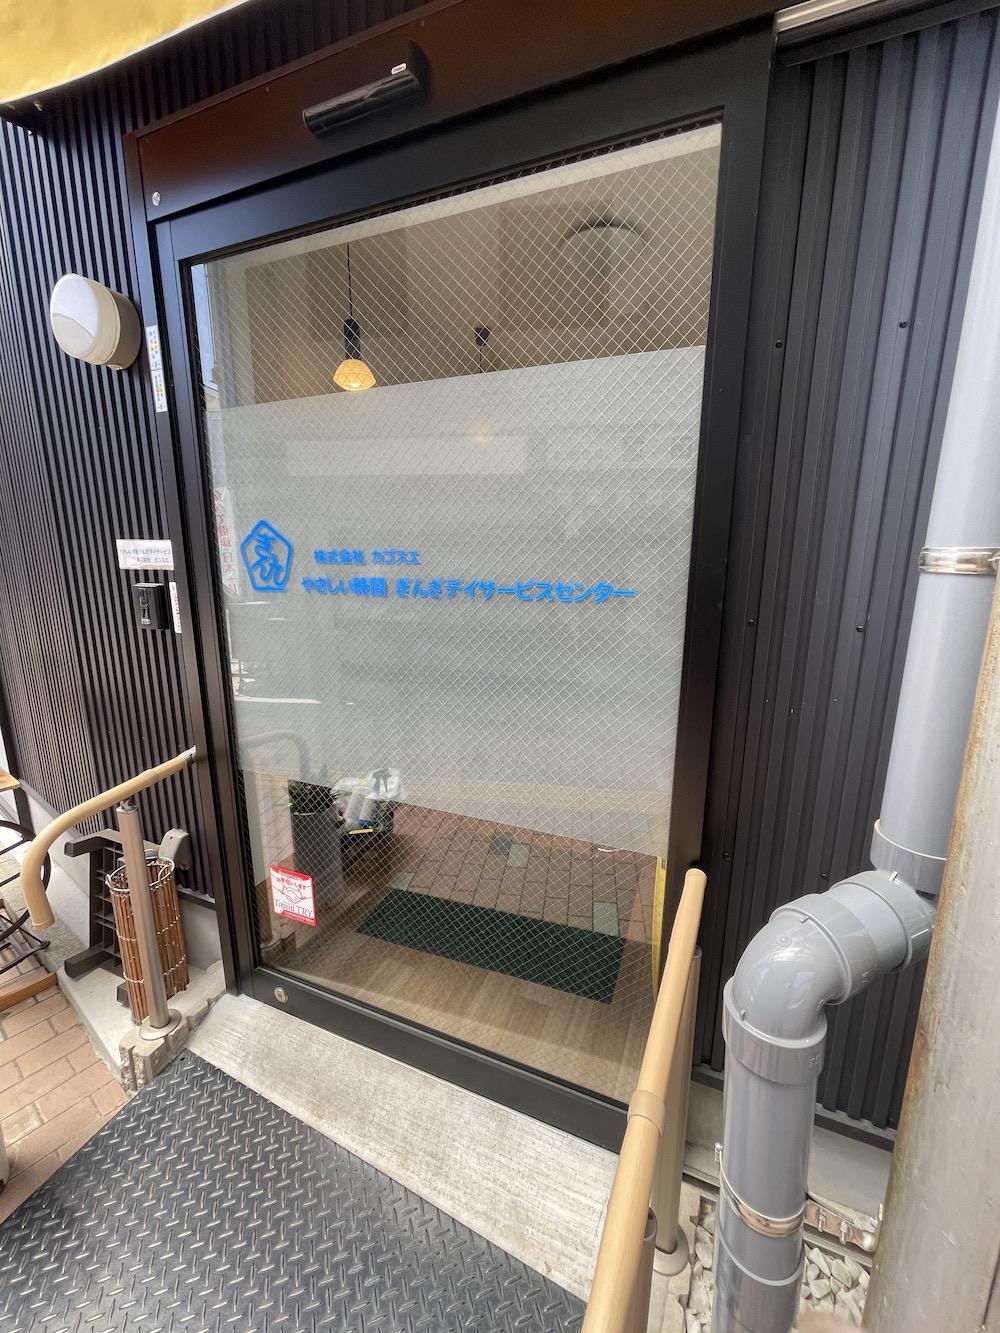 ぎんざデイサービスセンター様 店舗サイン(多治見市)カッティングシート